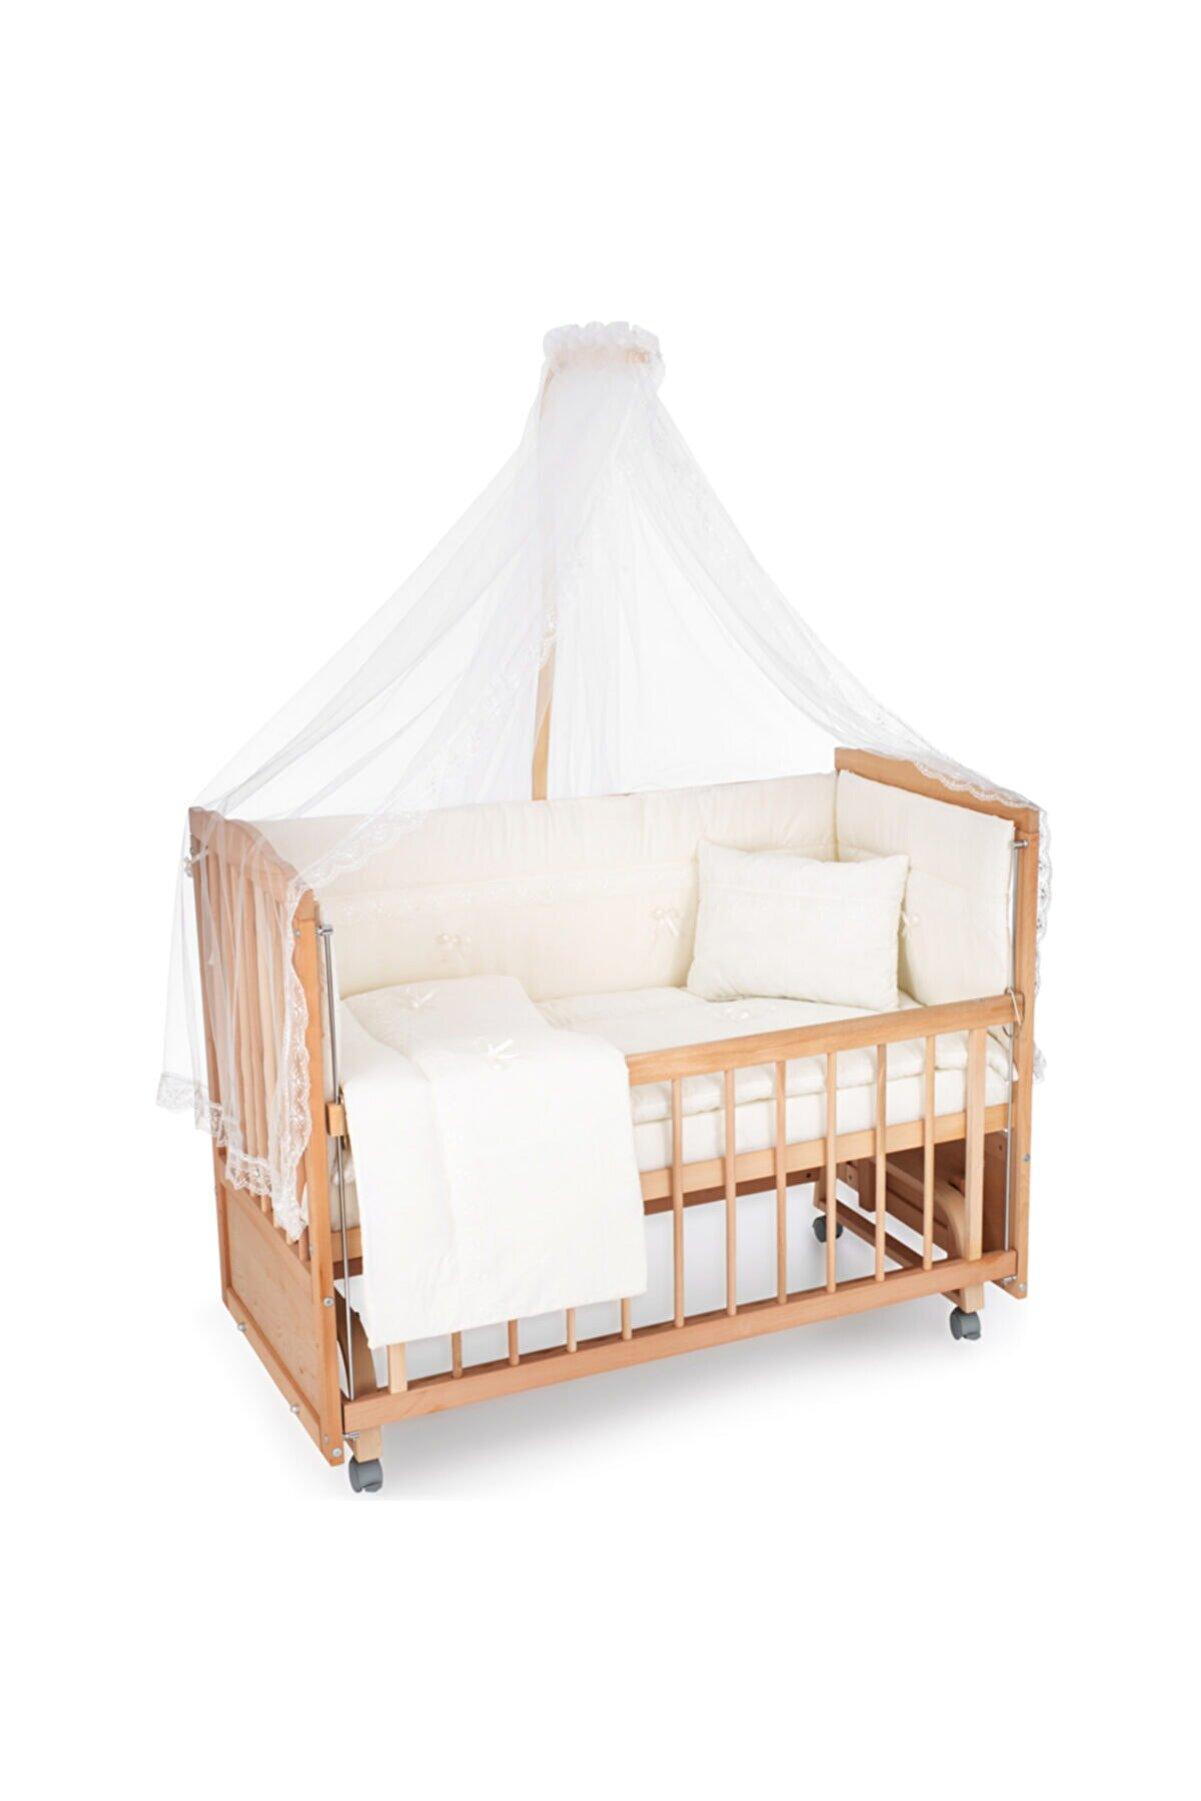 Heyner Ahşap Beşik Anne Yanı Beşik Sallanır Beşik Organik 60x120 + Ekru Güpür Uyku Seti + Yatak + Tekerlek